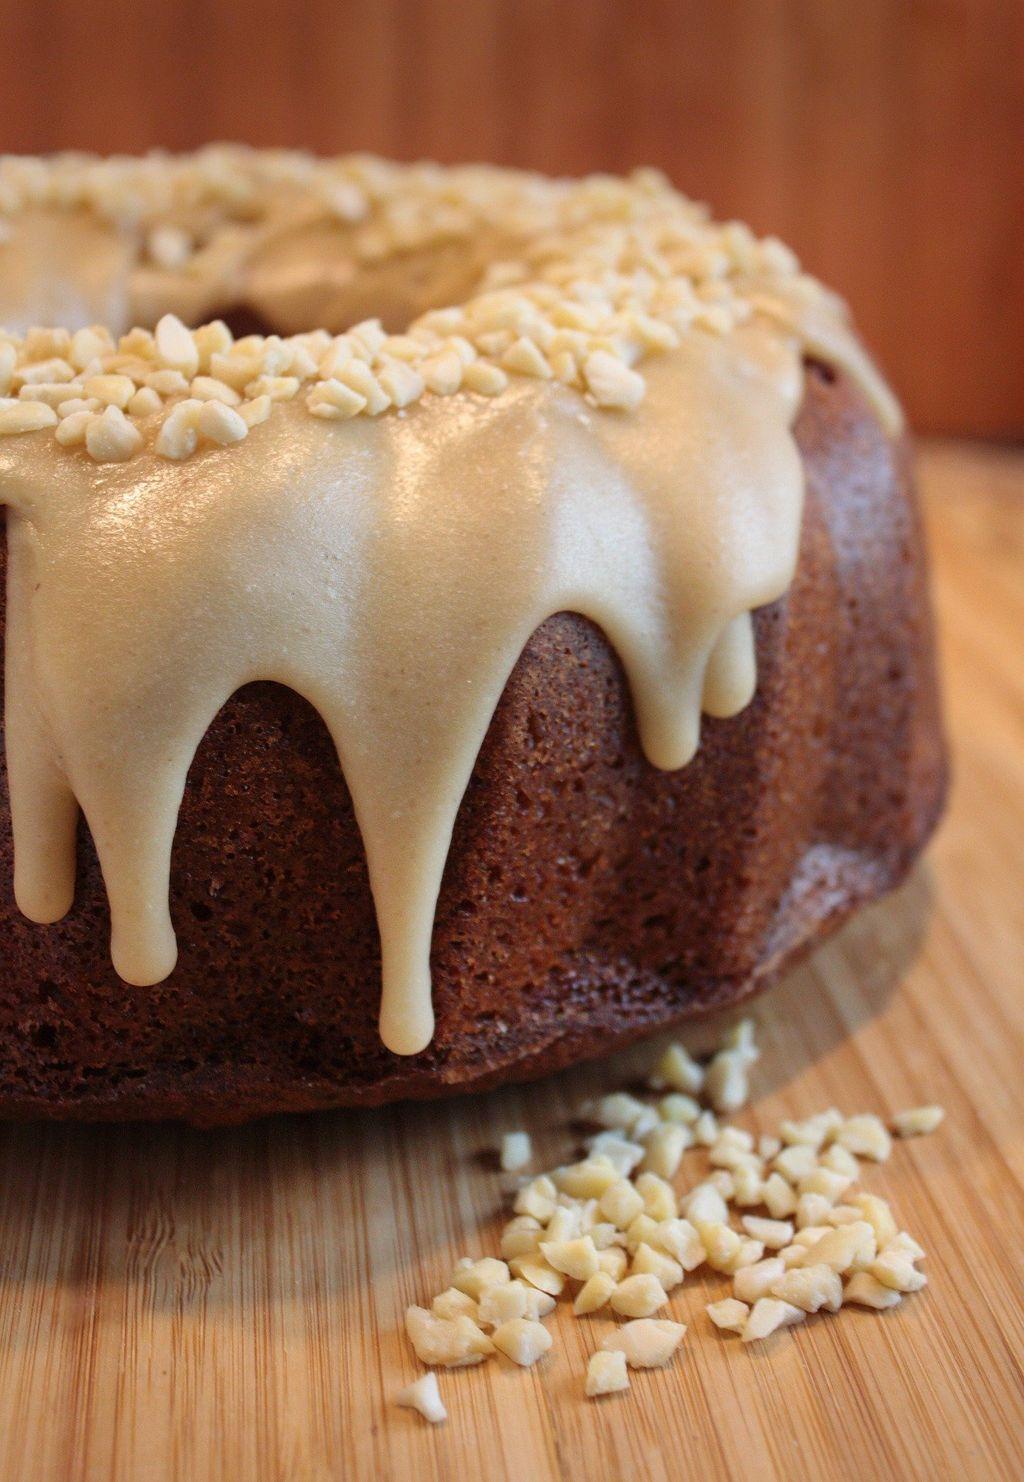 cakes-3526123_1920